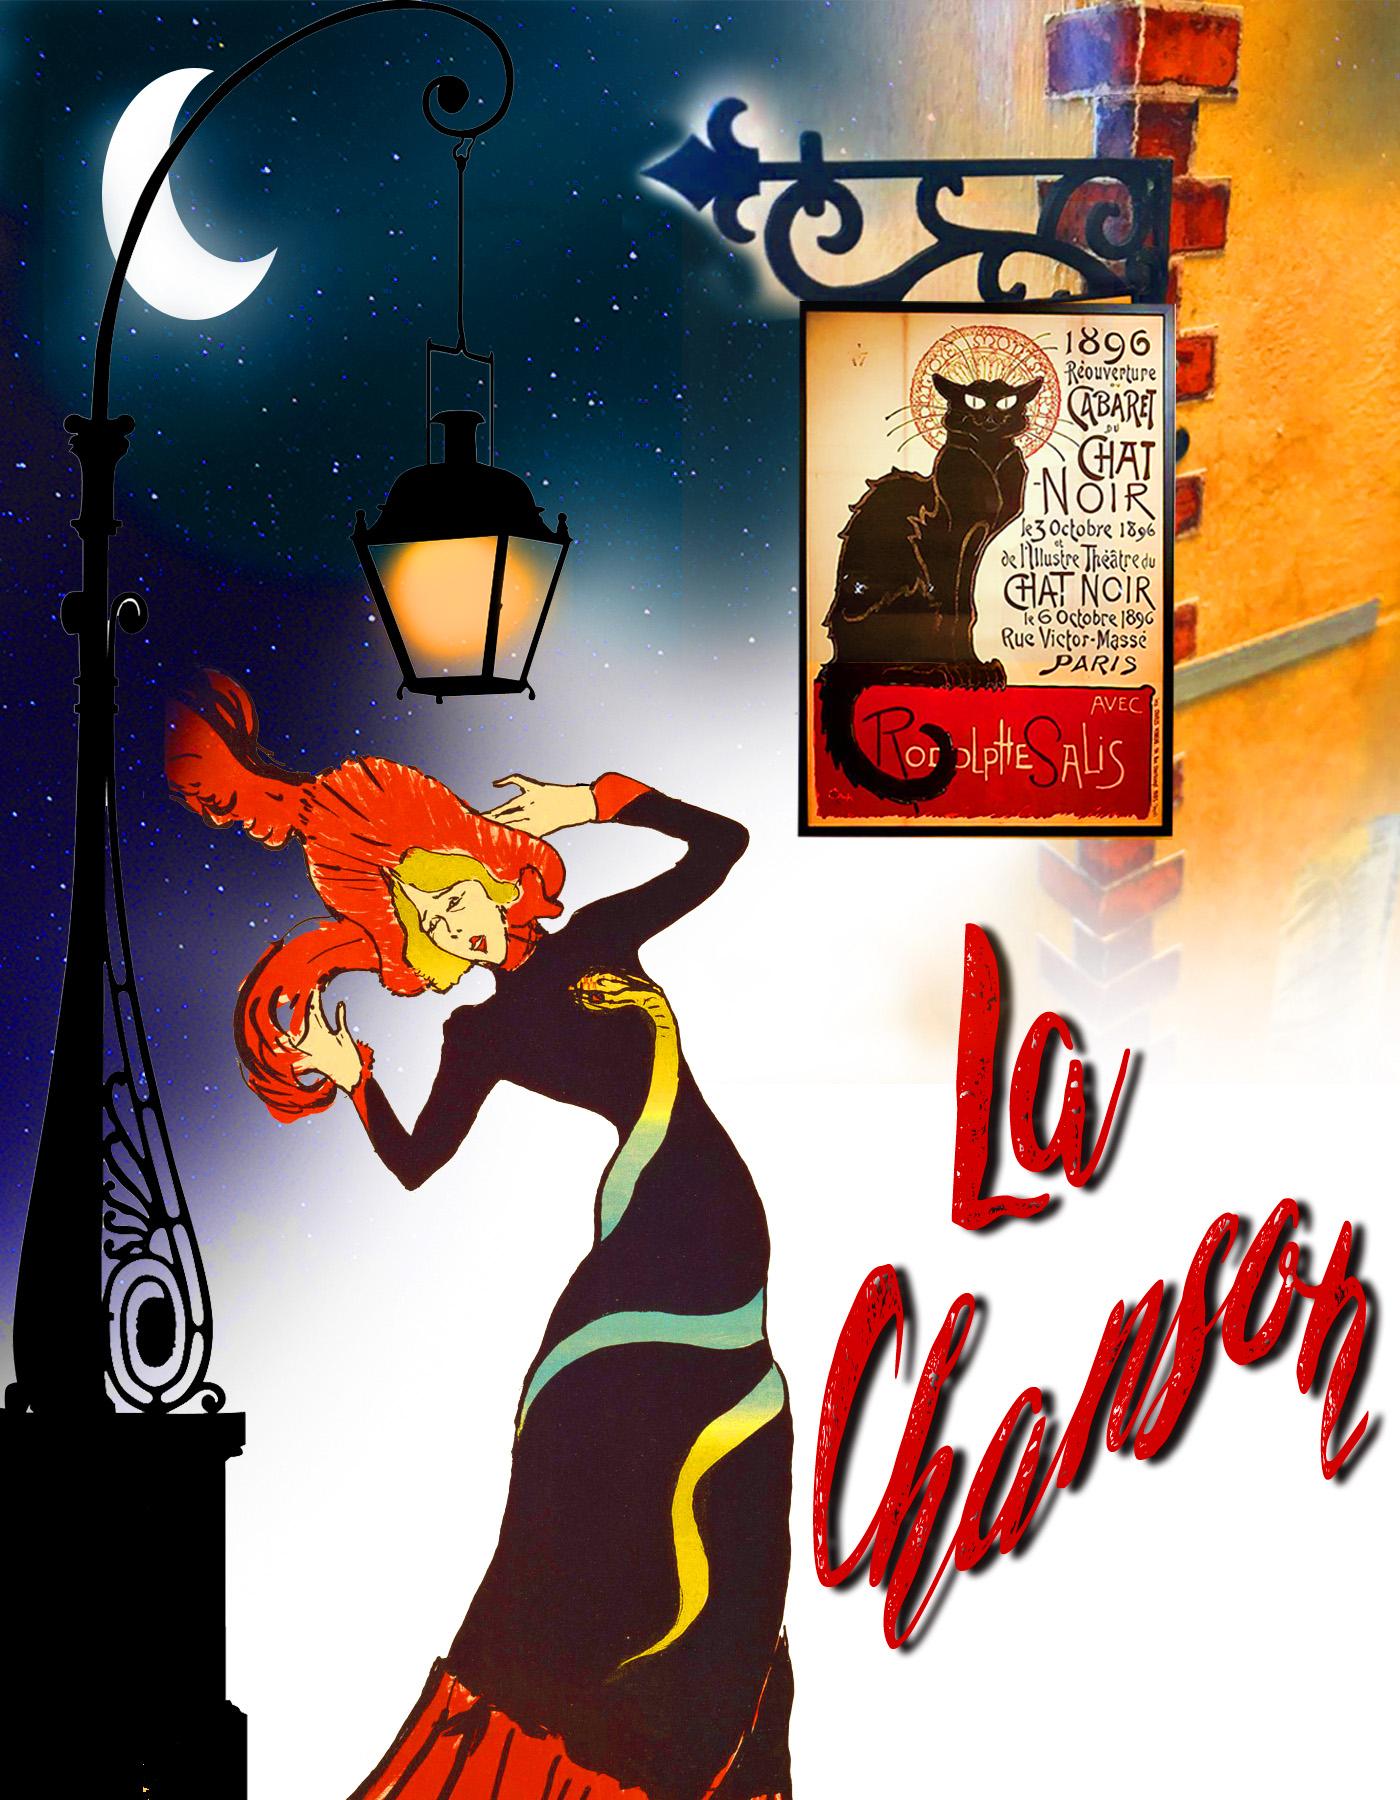 Jane Avril con farola y cabaret los cuatro gatos de Montmartre y la Chanson. París. Loco Mundo Arte y Bohemia.